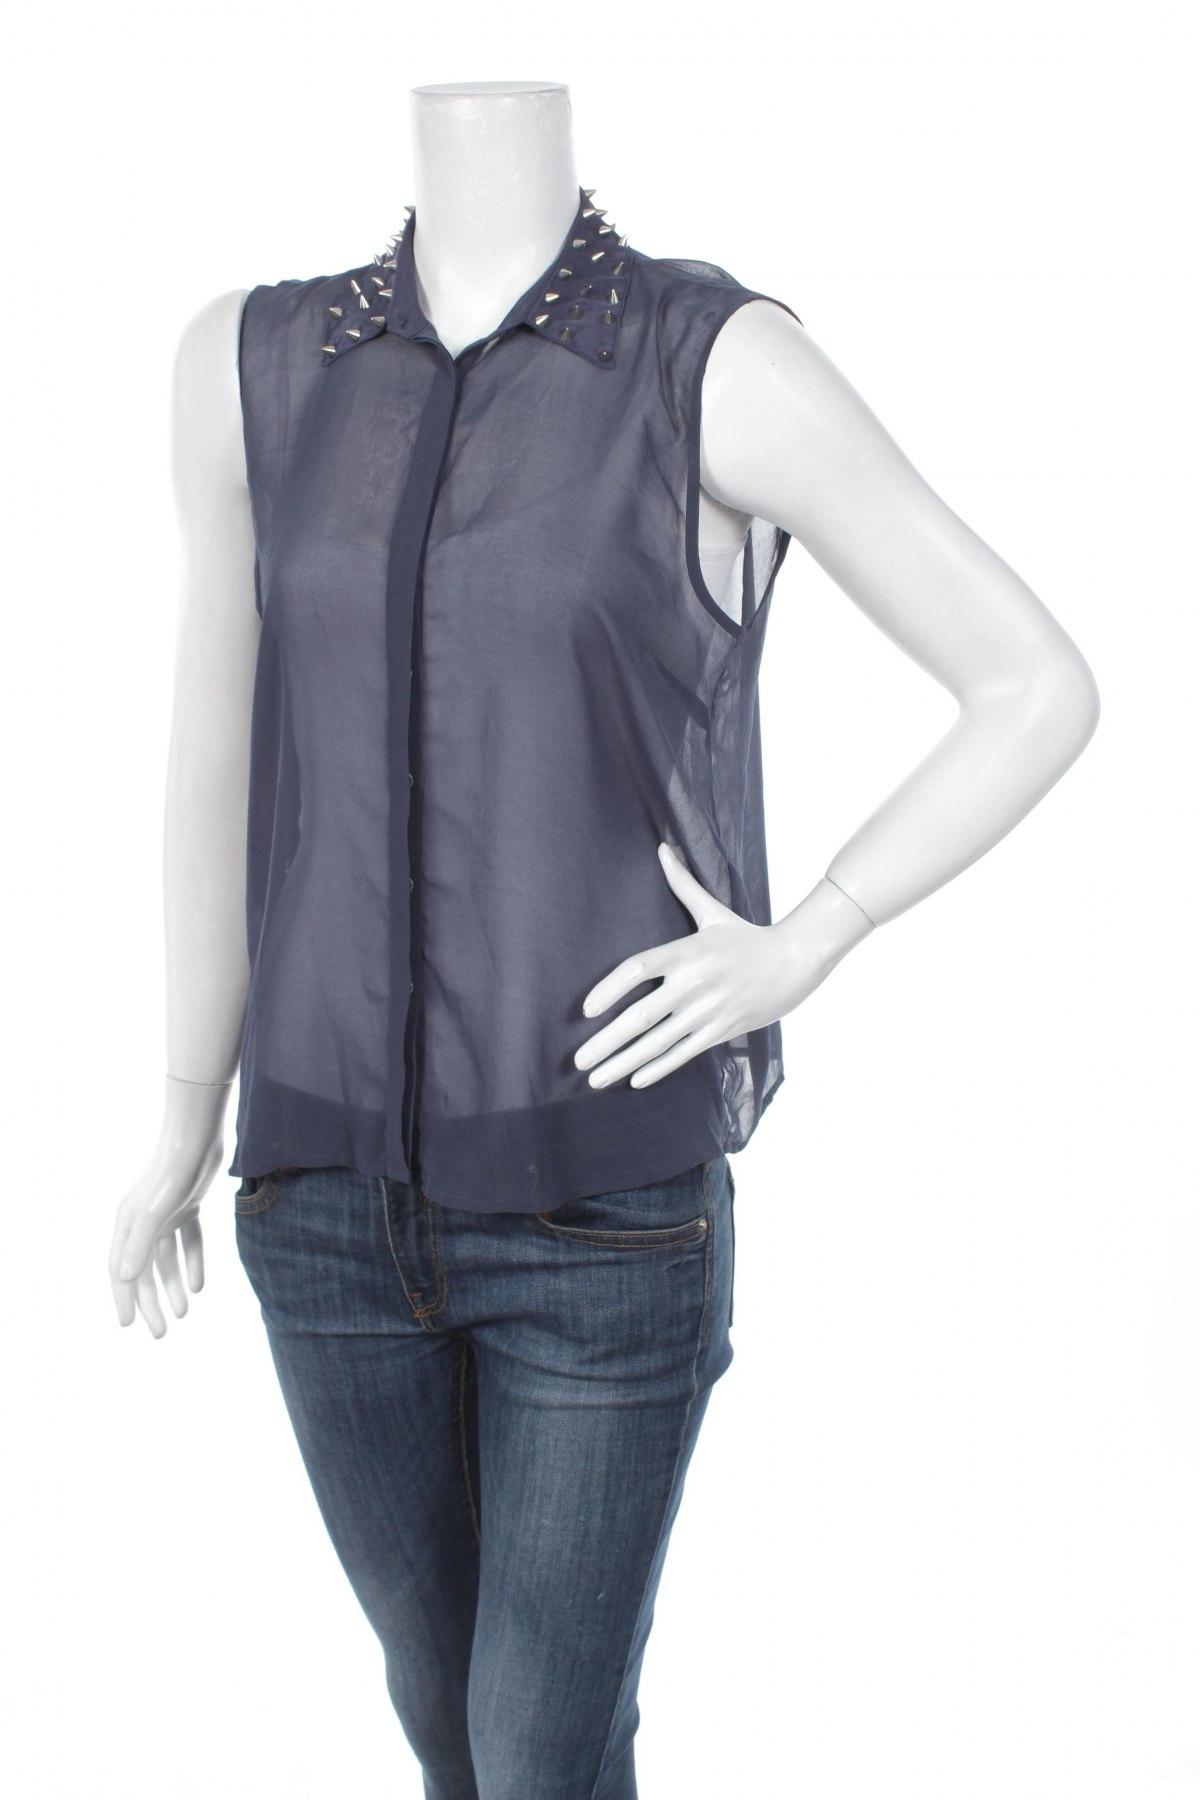 Γυναικείο πουκάμισο Sparkle & Fade, Μέγεθος M, Χρώμα Μπλέ, Τιμή 9,90€